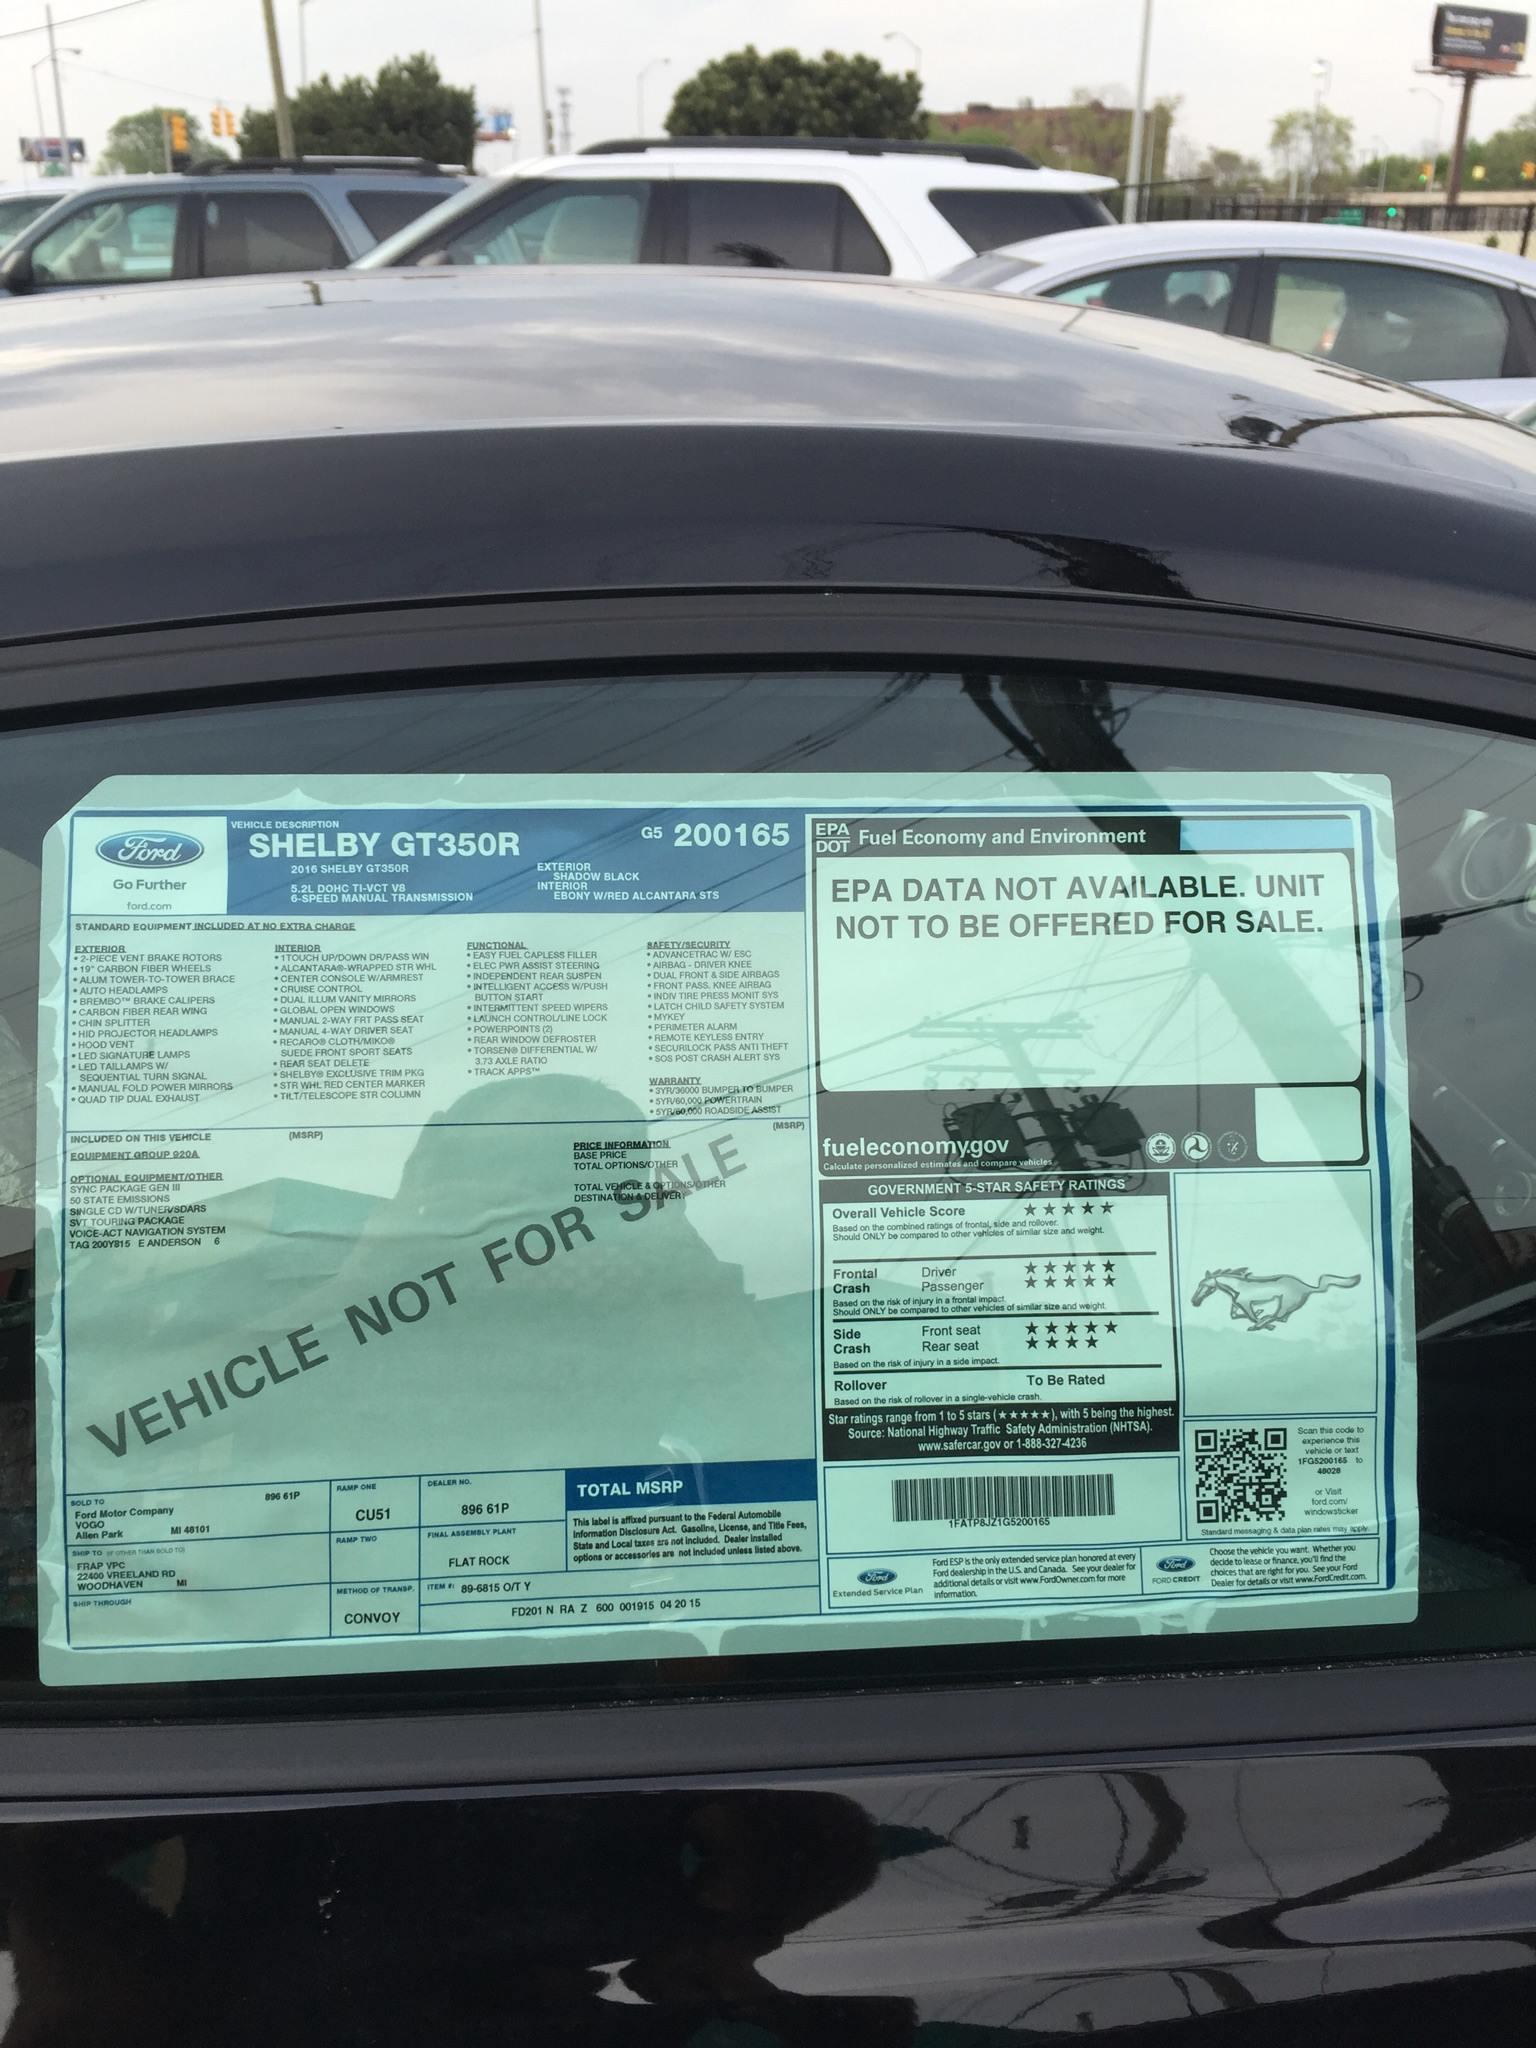 Sneak Peek 2016 Shelby Gt350r Mustang Window Sticker